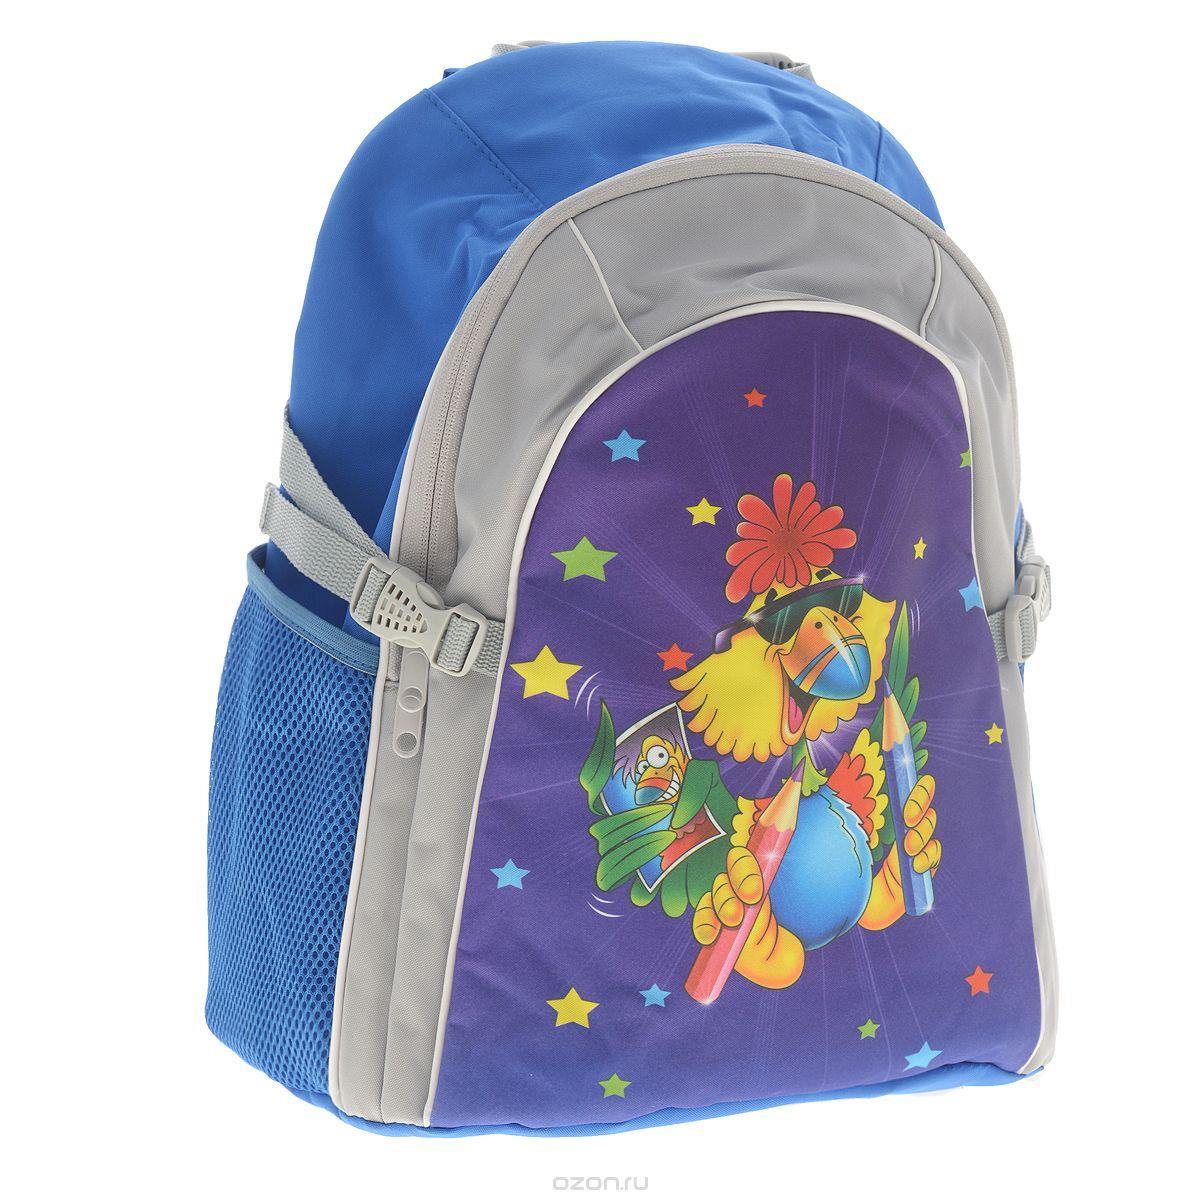 Рюкзак детский Tiger Enterprise Joyful Birdie, цвет: синий, серый2919/TGСтильный школьный рюкзак Joyful Birdie небольшого размера - это красивый и удобный ранец, который подойдет всем, кто хочет разнообразить свои школьные будни. Благодаря анатомической спинке, повторяющей контур спины и двум эргономичным плечевым ремням, длина которых регулируется, у ребенка не возникнут проблемы с позвоночником. Ранец, выполненный из антибактериального, водоотталкивающего и не выгорающего на солнце материала, оформлен изображением забавной птички. Ранец состоит из одного основного отделения, закрывающегося на застежку-молнию. Внутри - накладной открытый карман. По бокам рюкзак имеет два сетчатых кармана. Также есть текстильная ручка, с прорезиненной вставкой, для удобной переноски и ограничители объема.